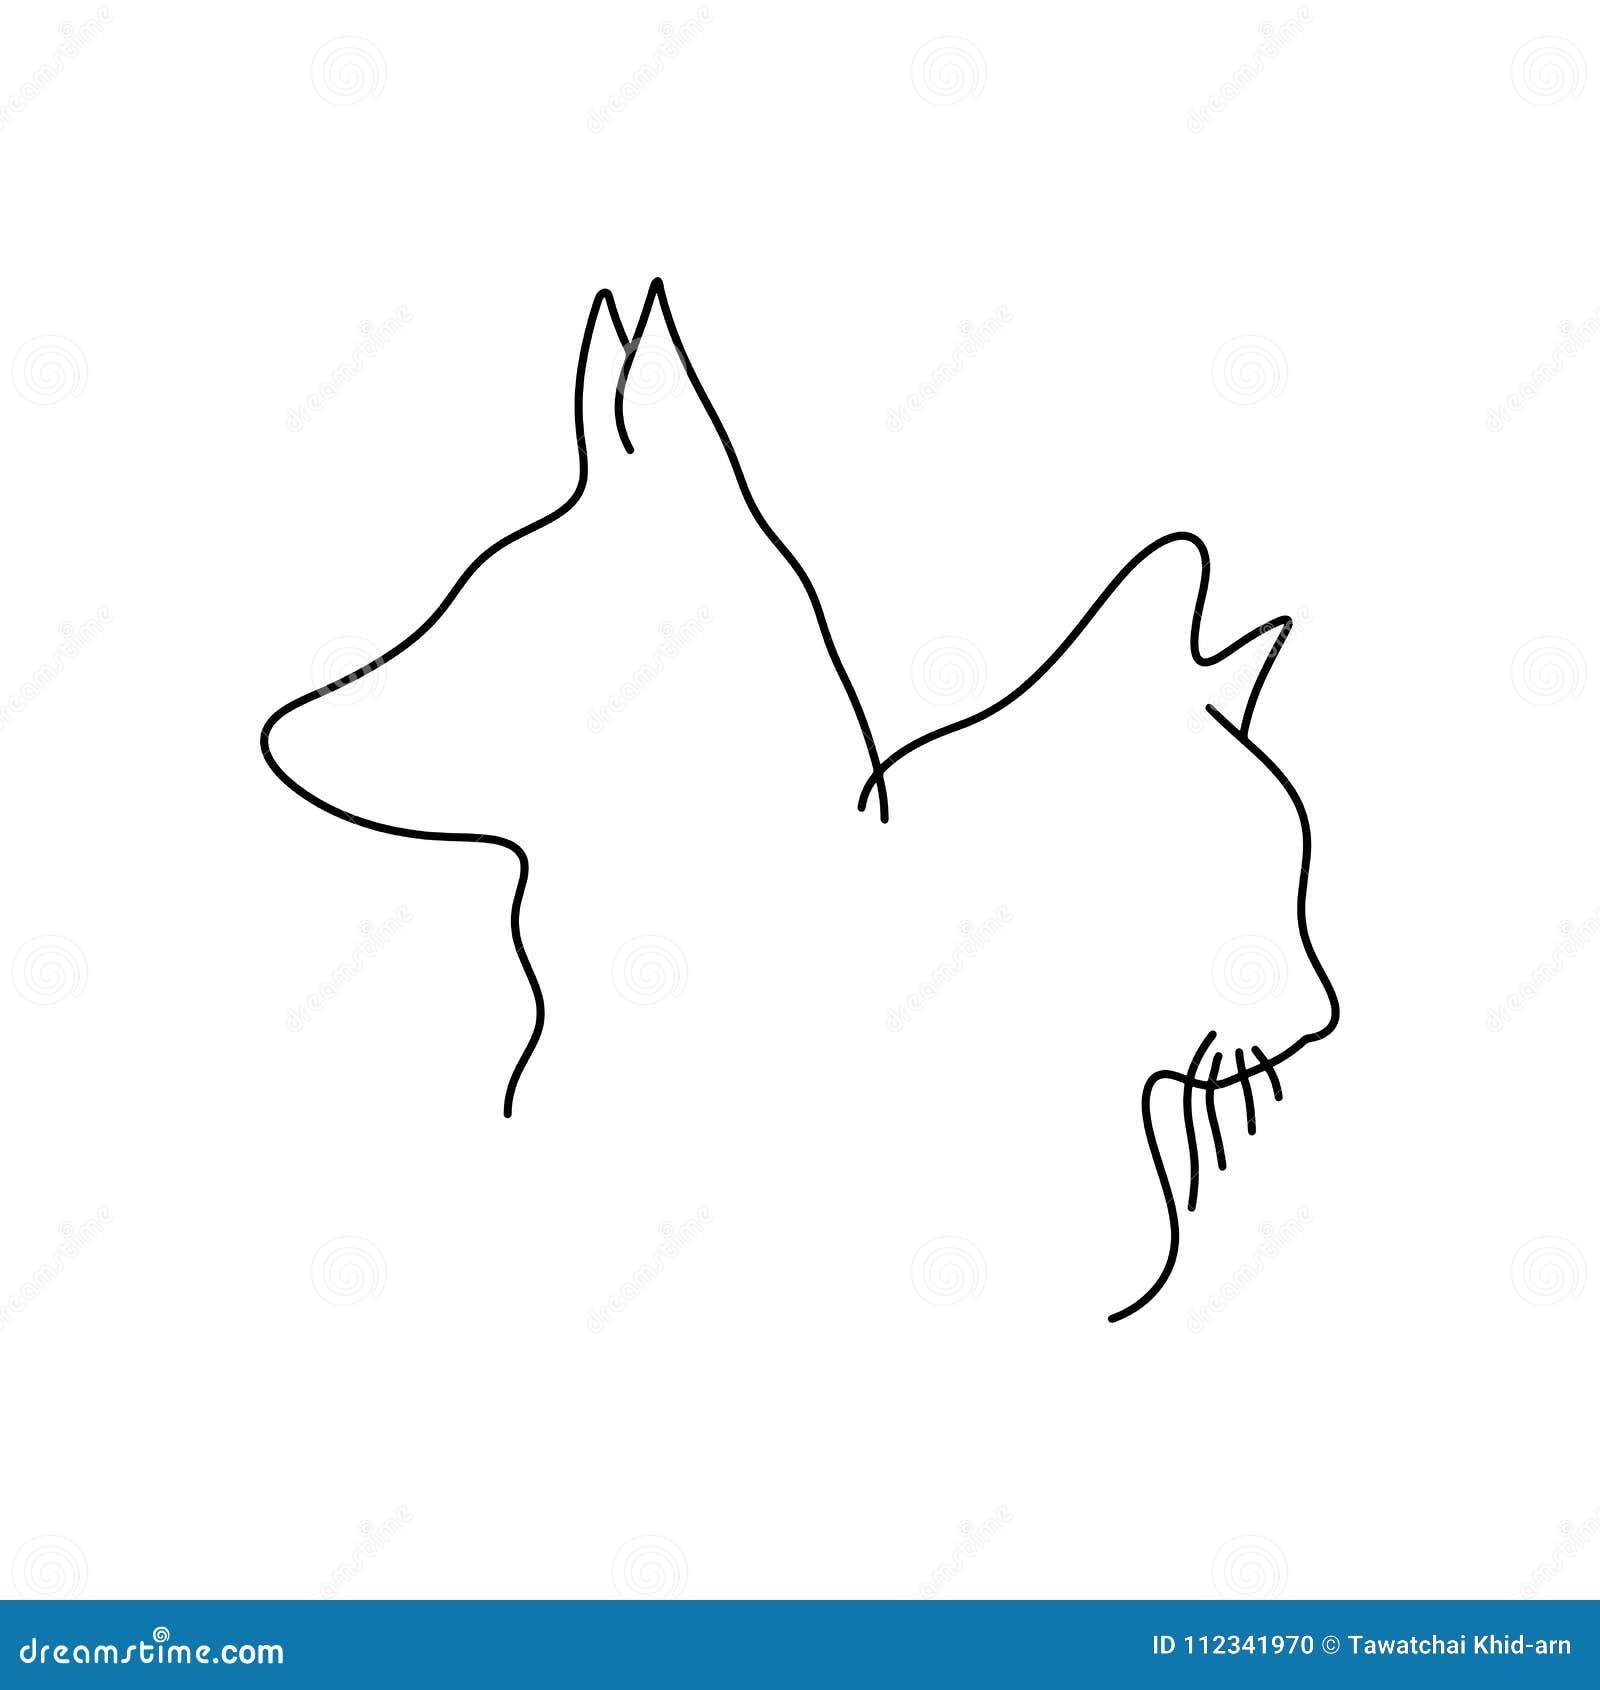 Disegno Di Profilo Del Illustrati Minimalista Di Vettore Della Testa